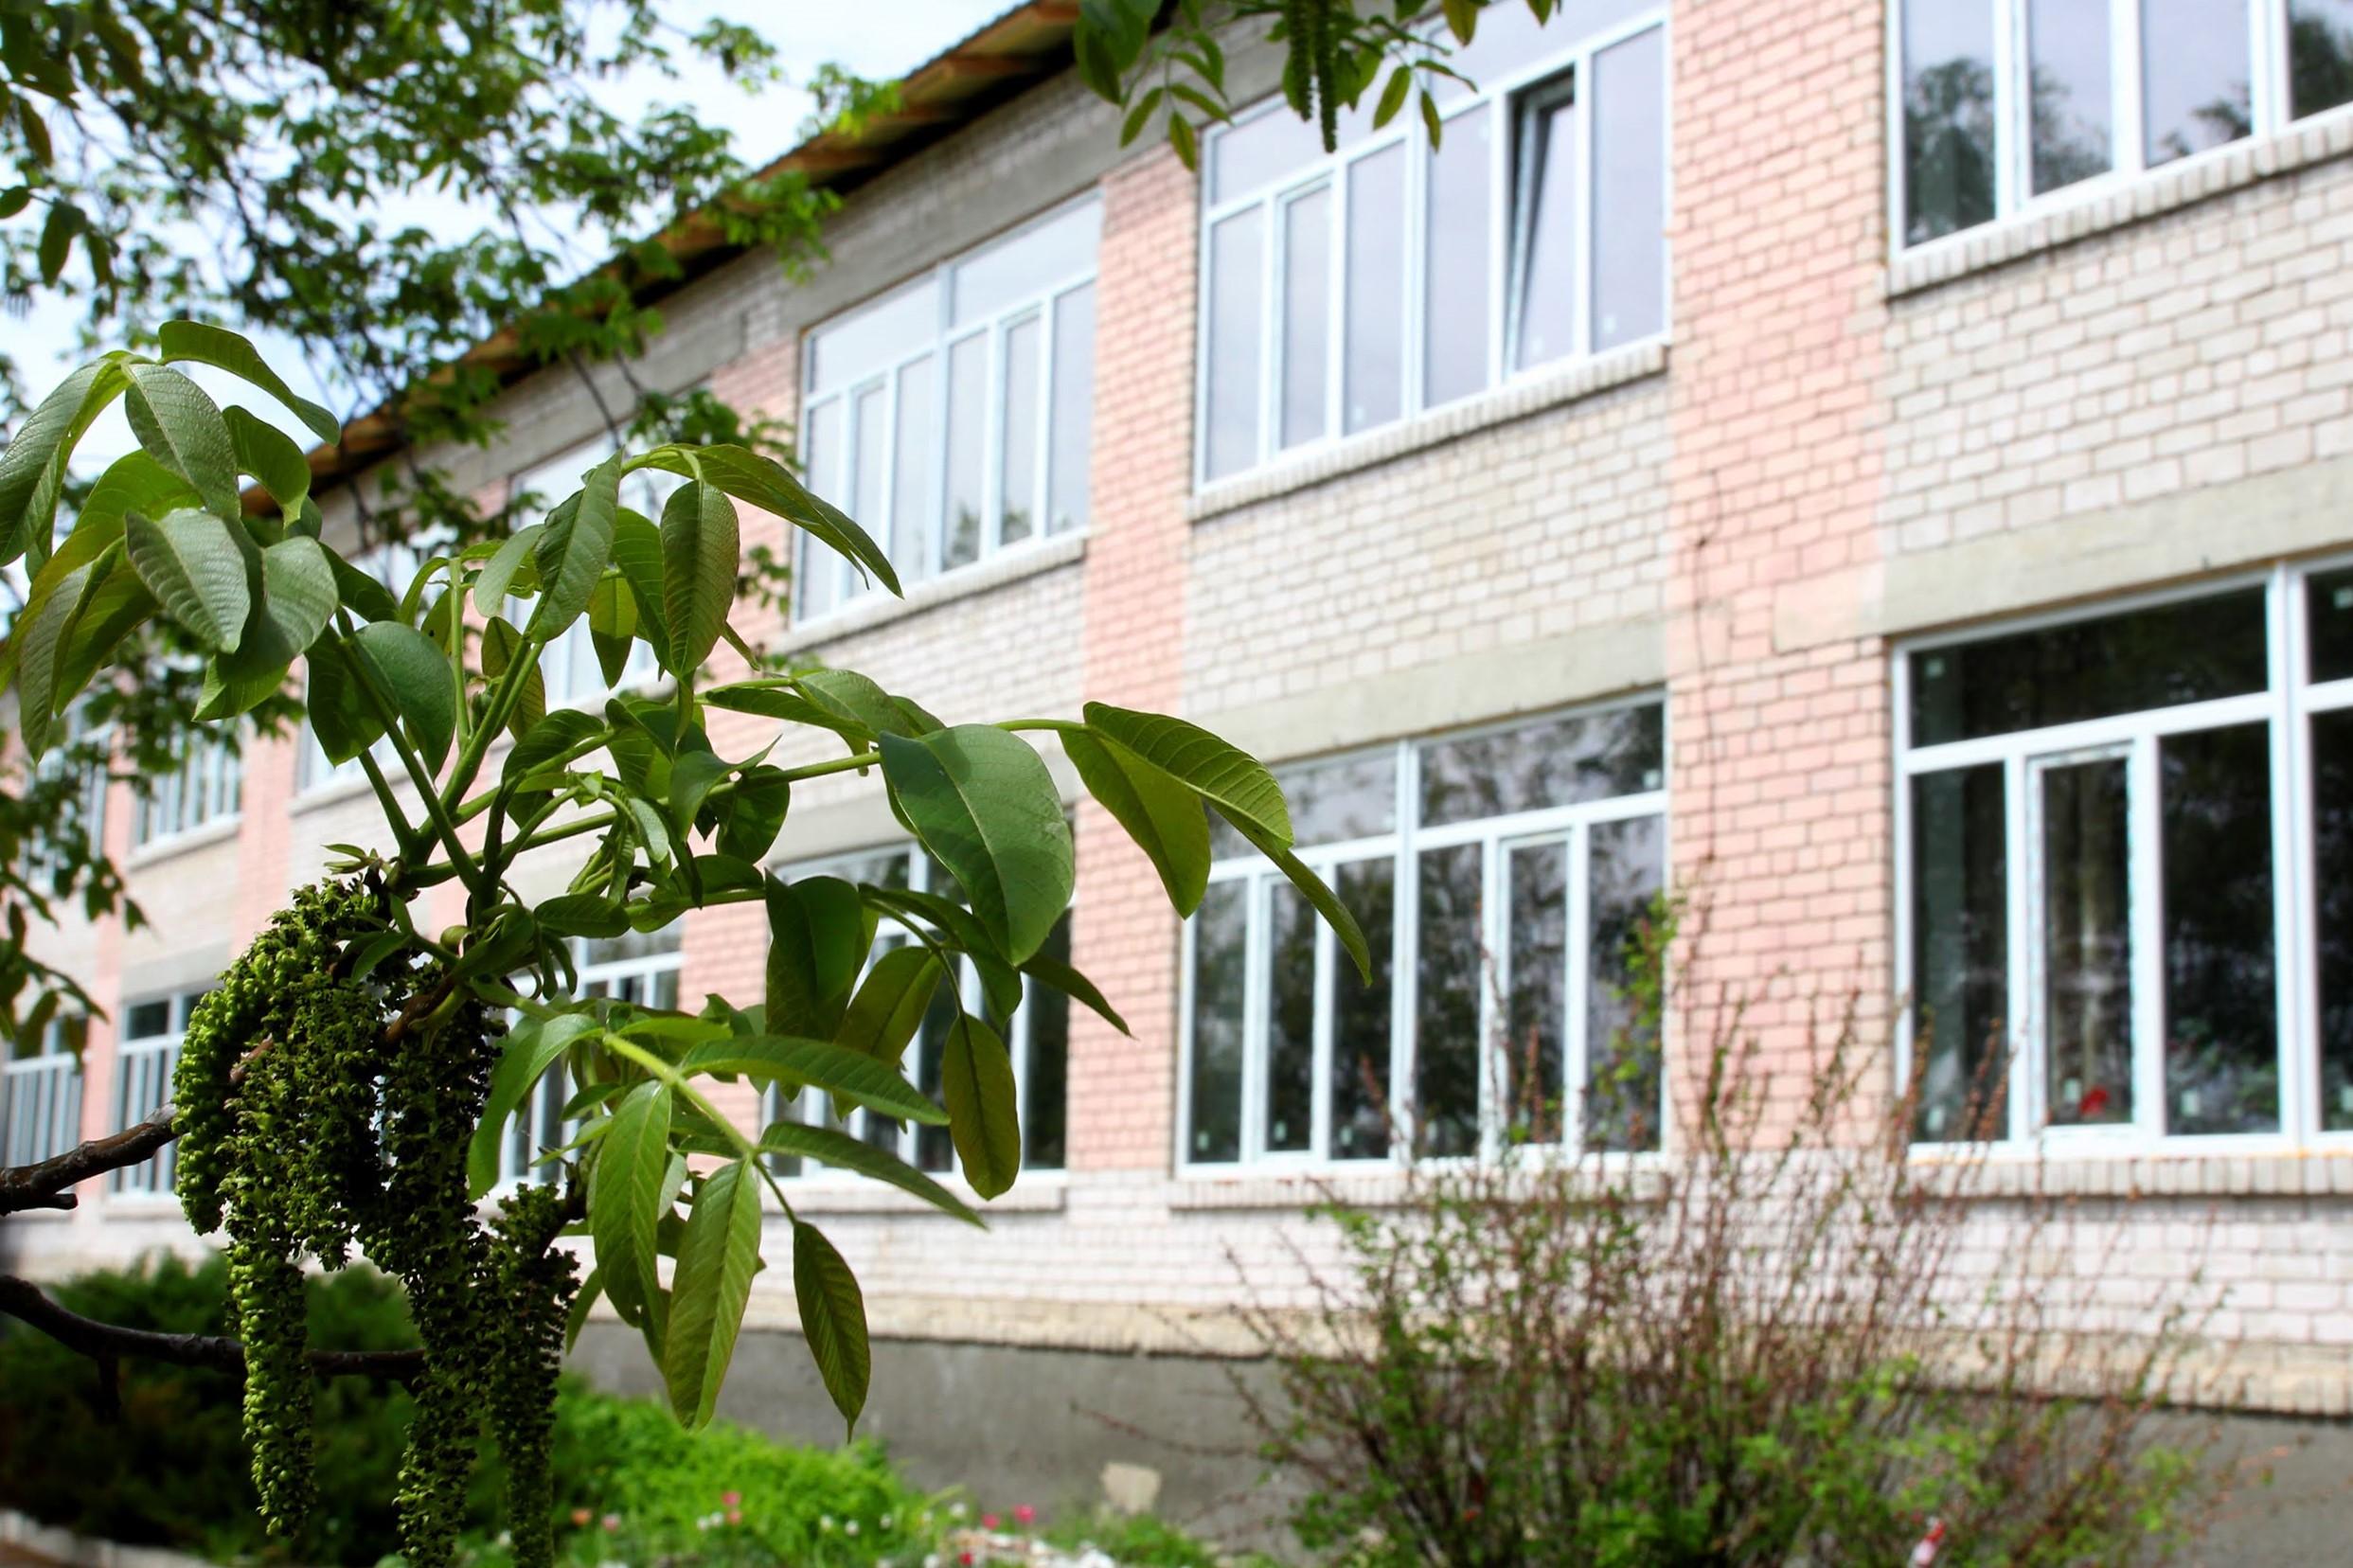 Нове життя отримує опорна школа в селищі Чаплине Васильківського району